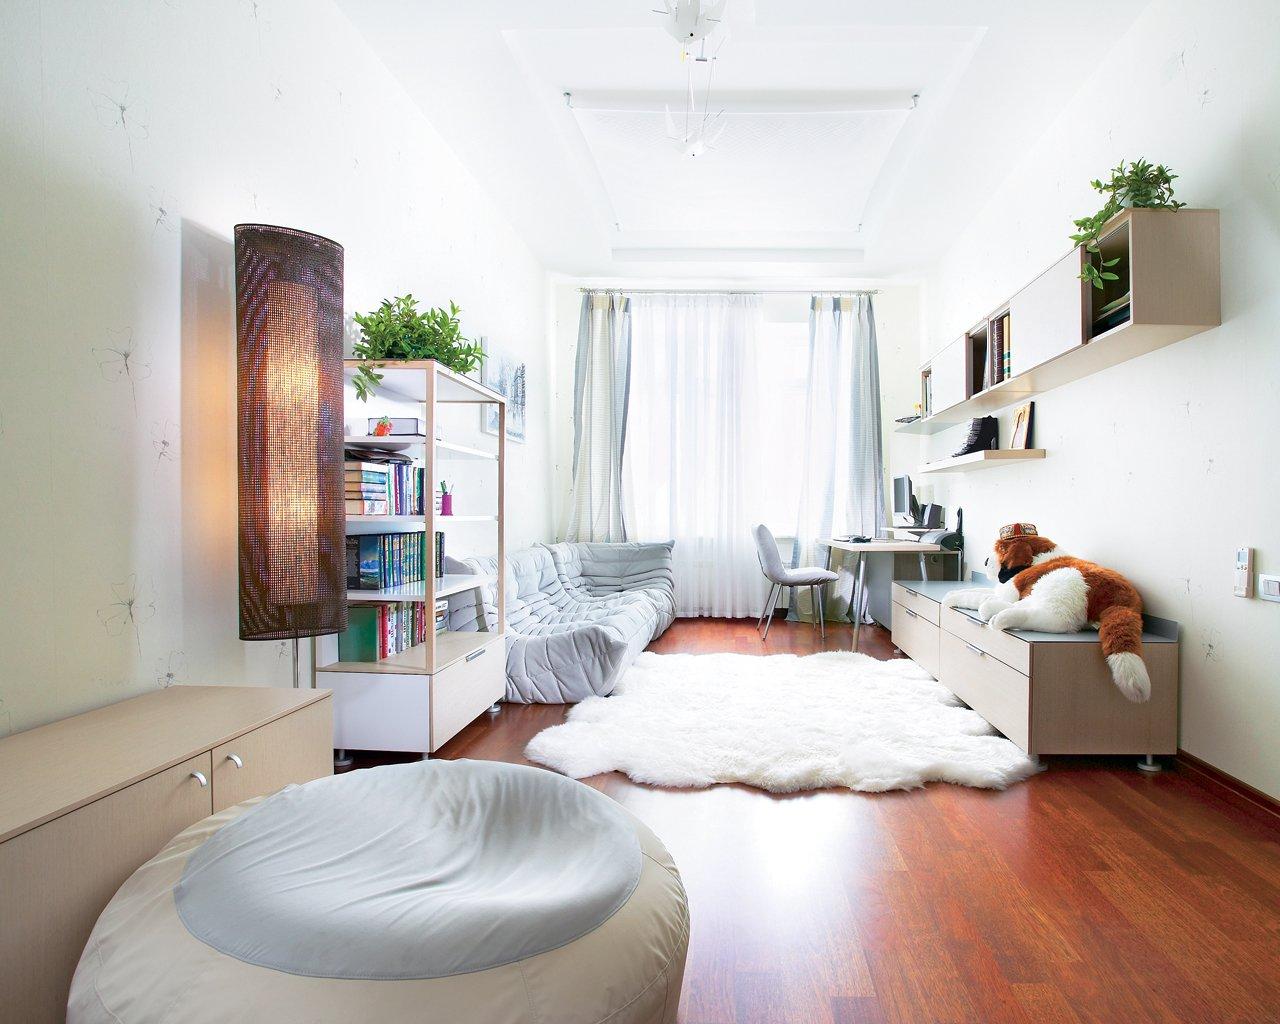 40张漂亮的室内装修设计图片欣赏 设计之家